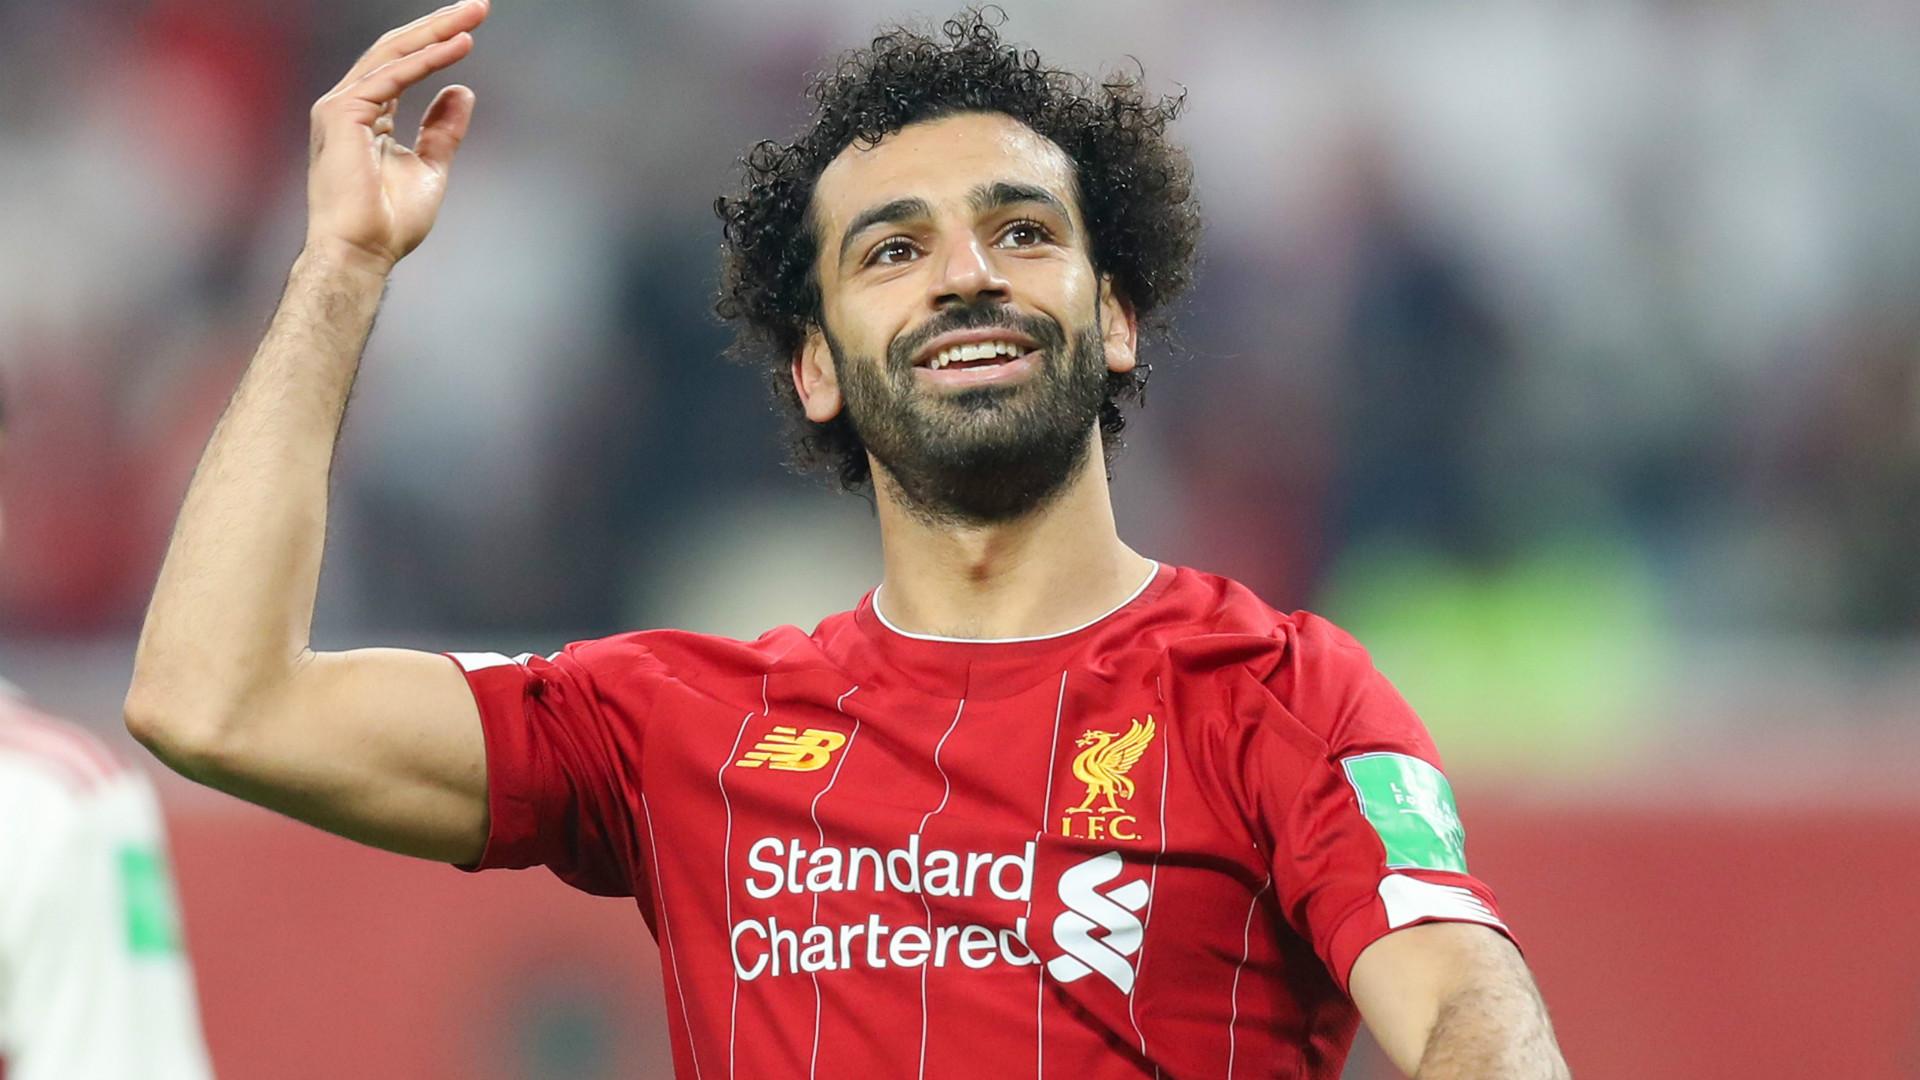 محمد صلاح يحصد الكرة الذهبية كأفضل لاعب في كأس العالم Goalcom